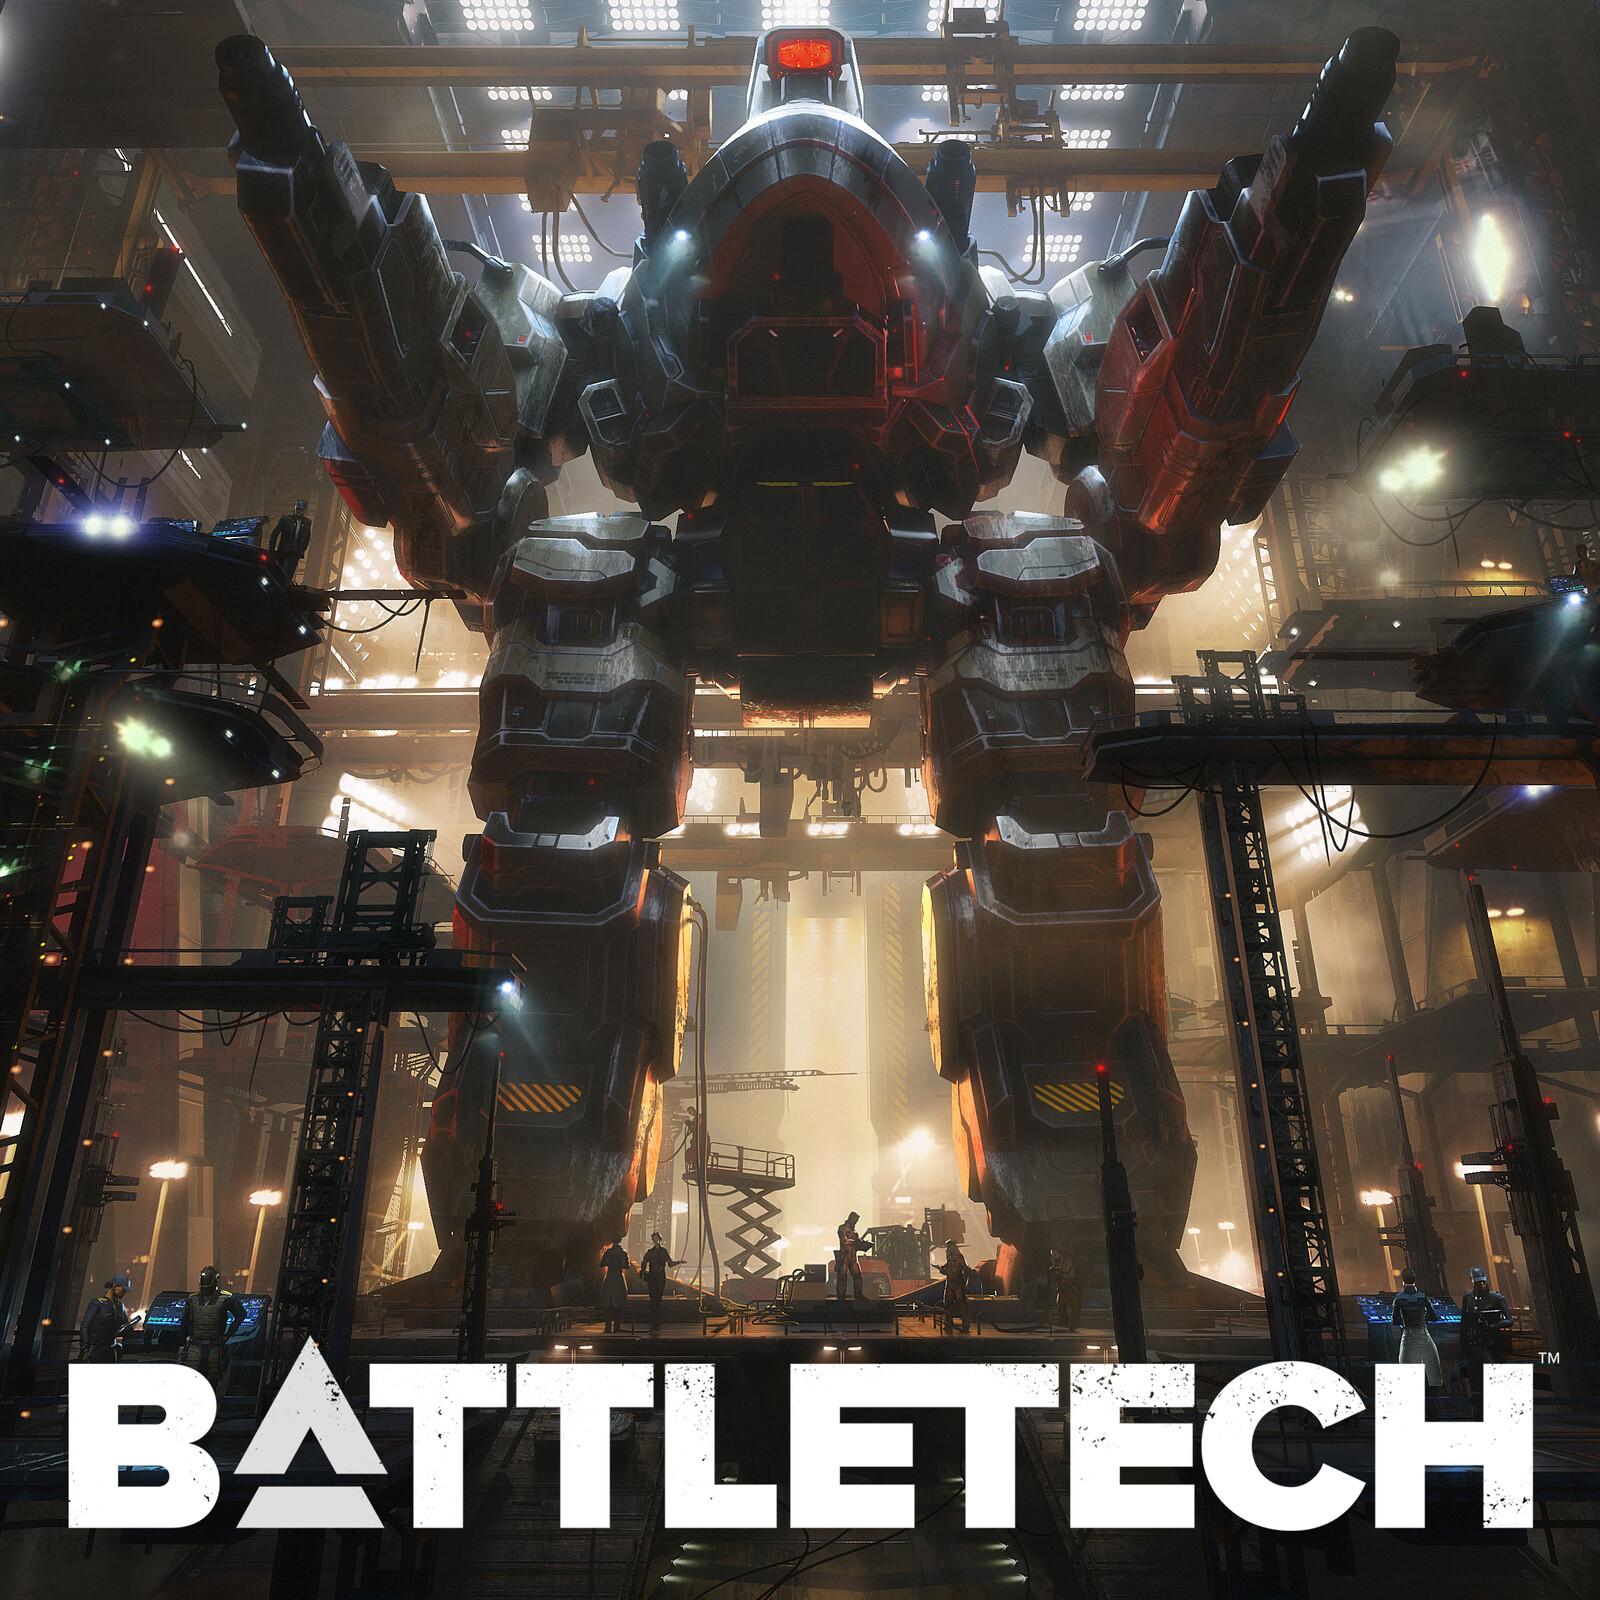 Battletech: Heavy Metal (2019)